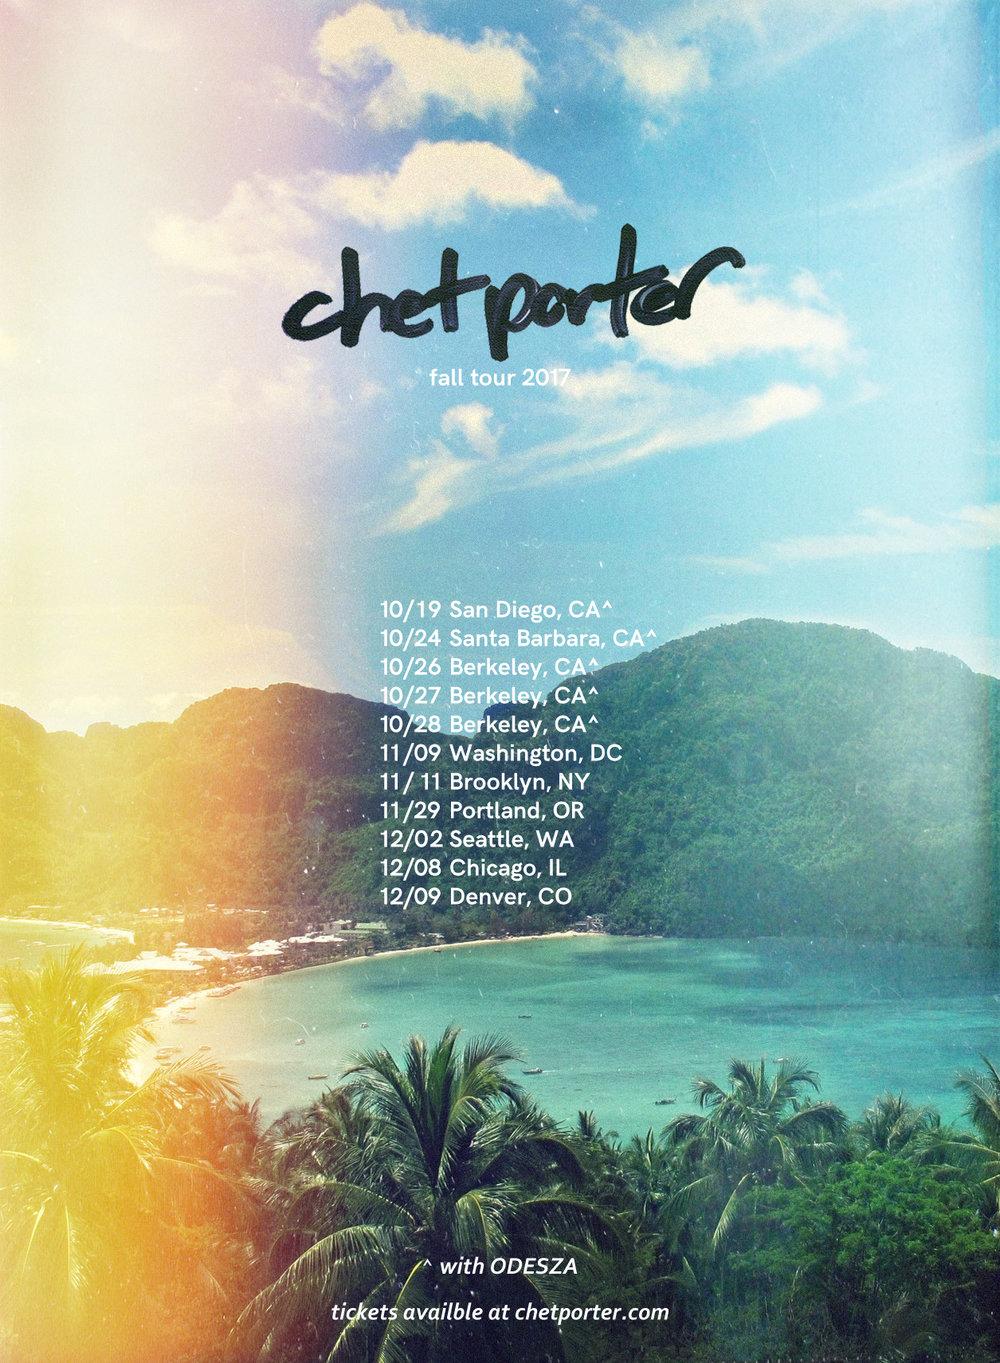 chetporterfalltour2017 (portland wed).jpg